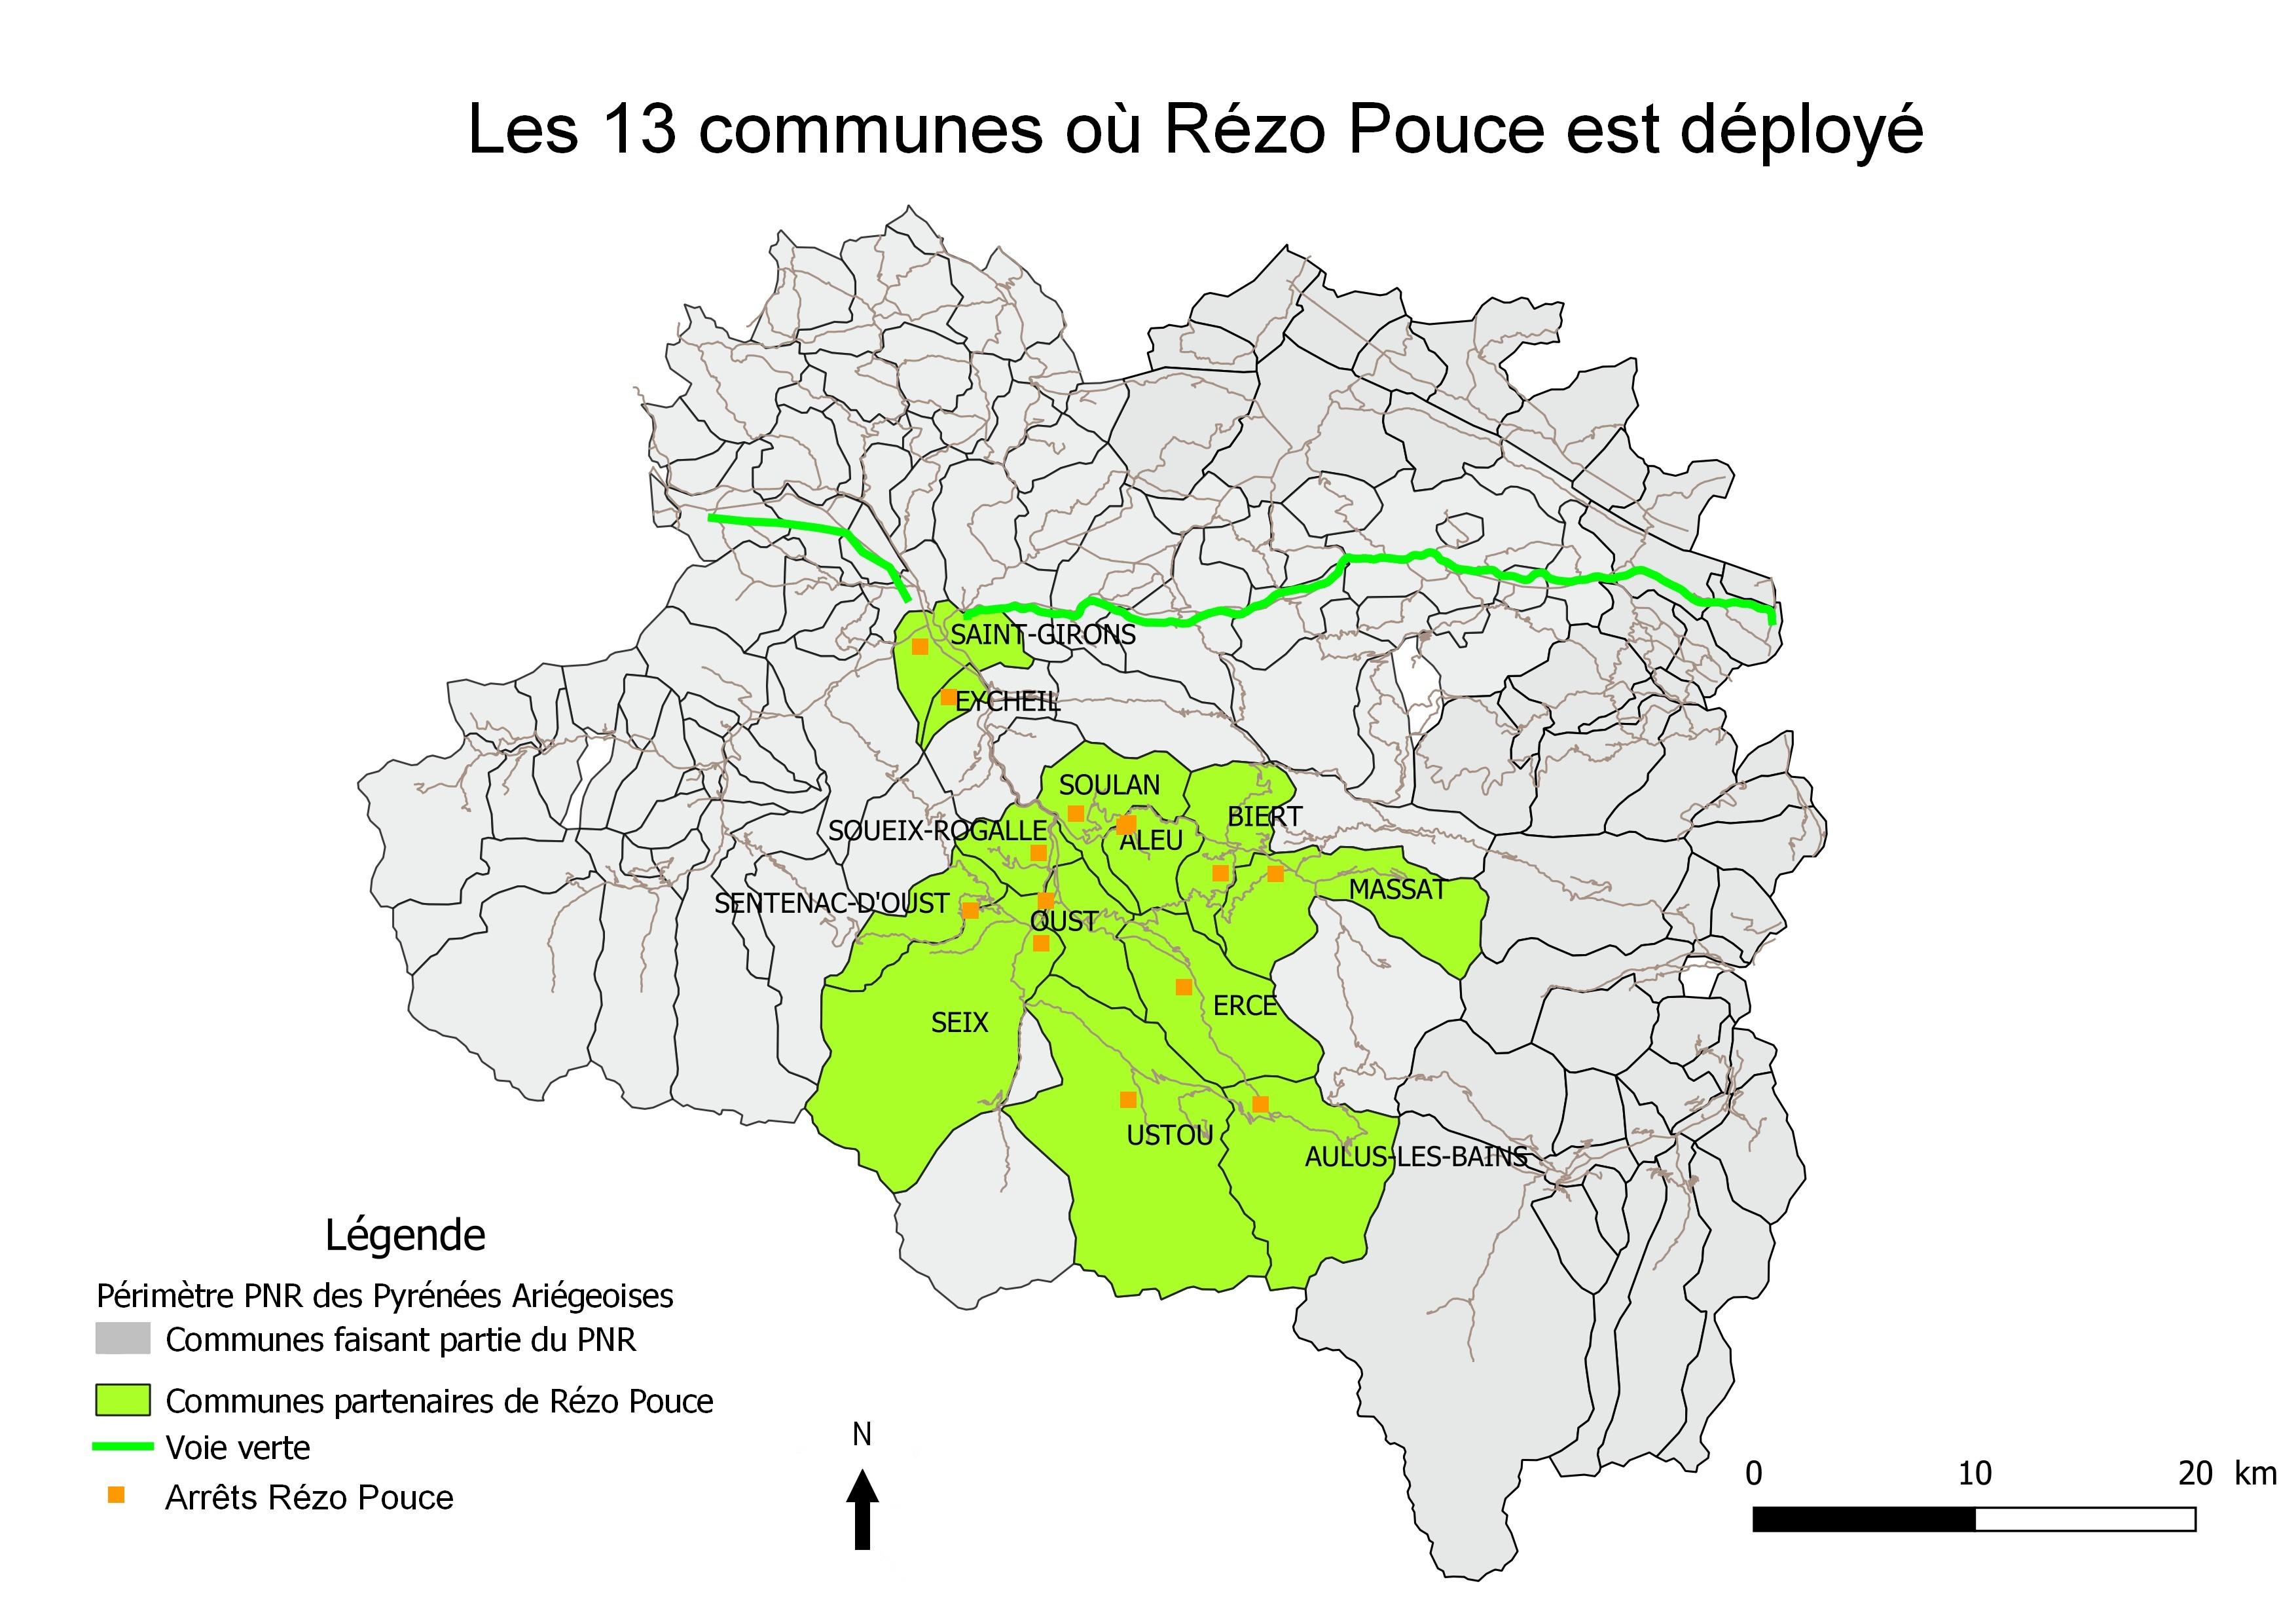 carte-communes-et-arrets-rezo-pouce